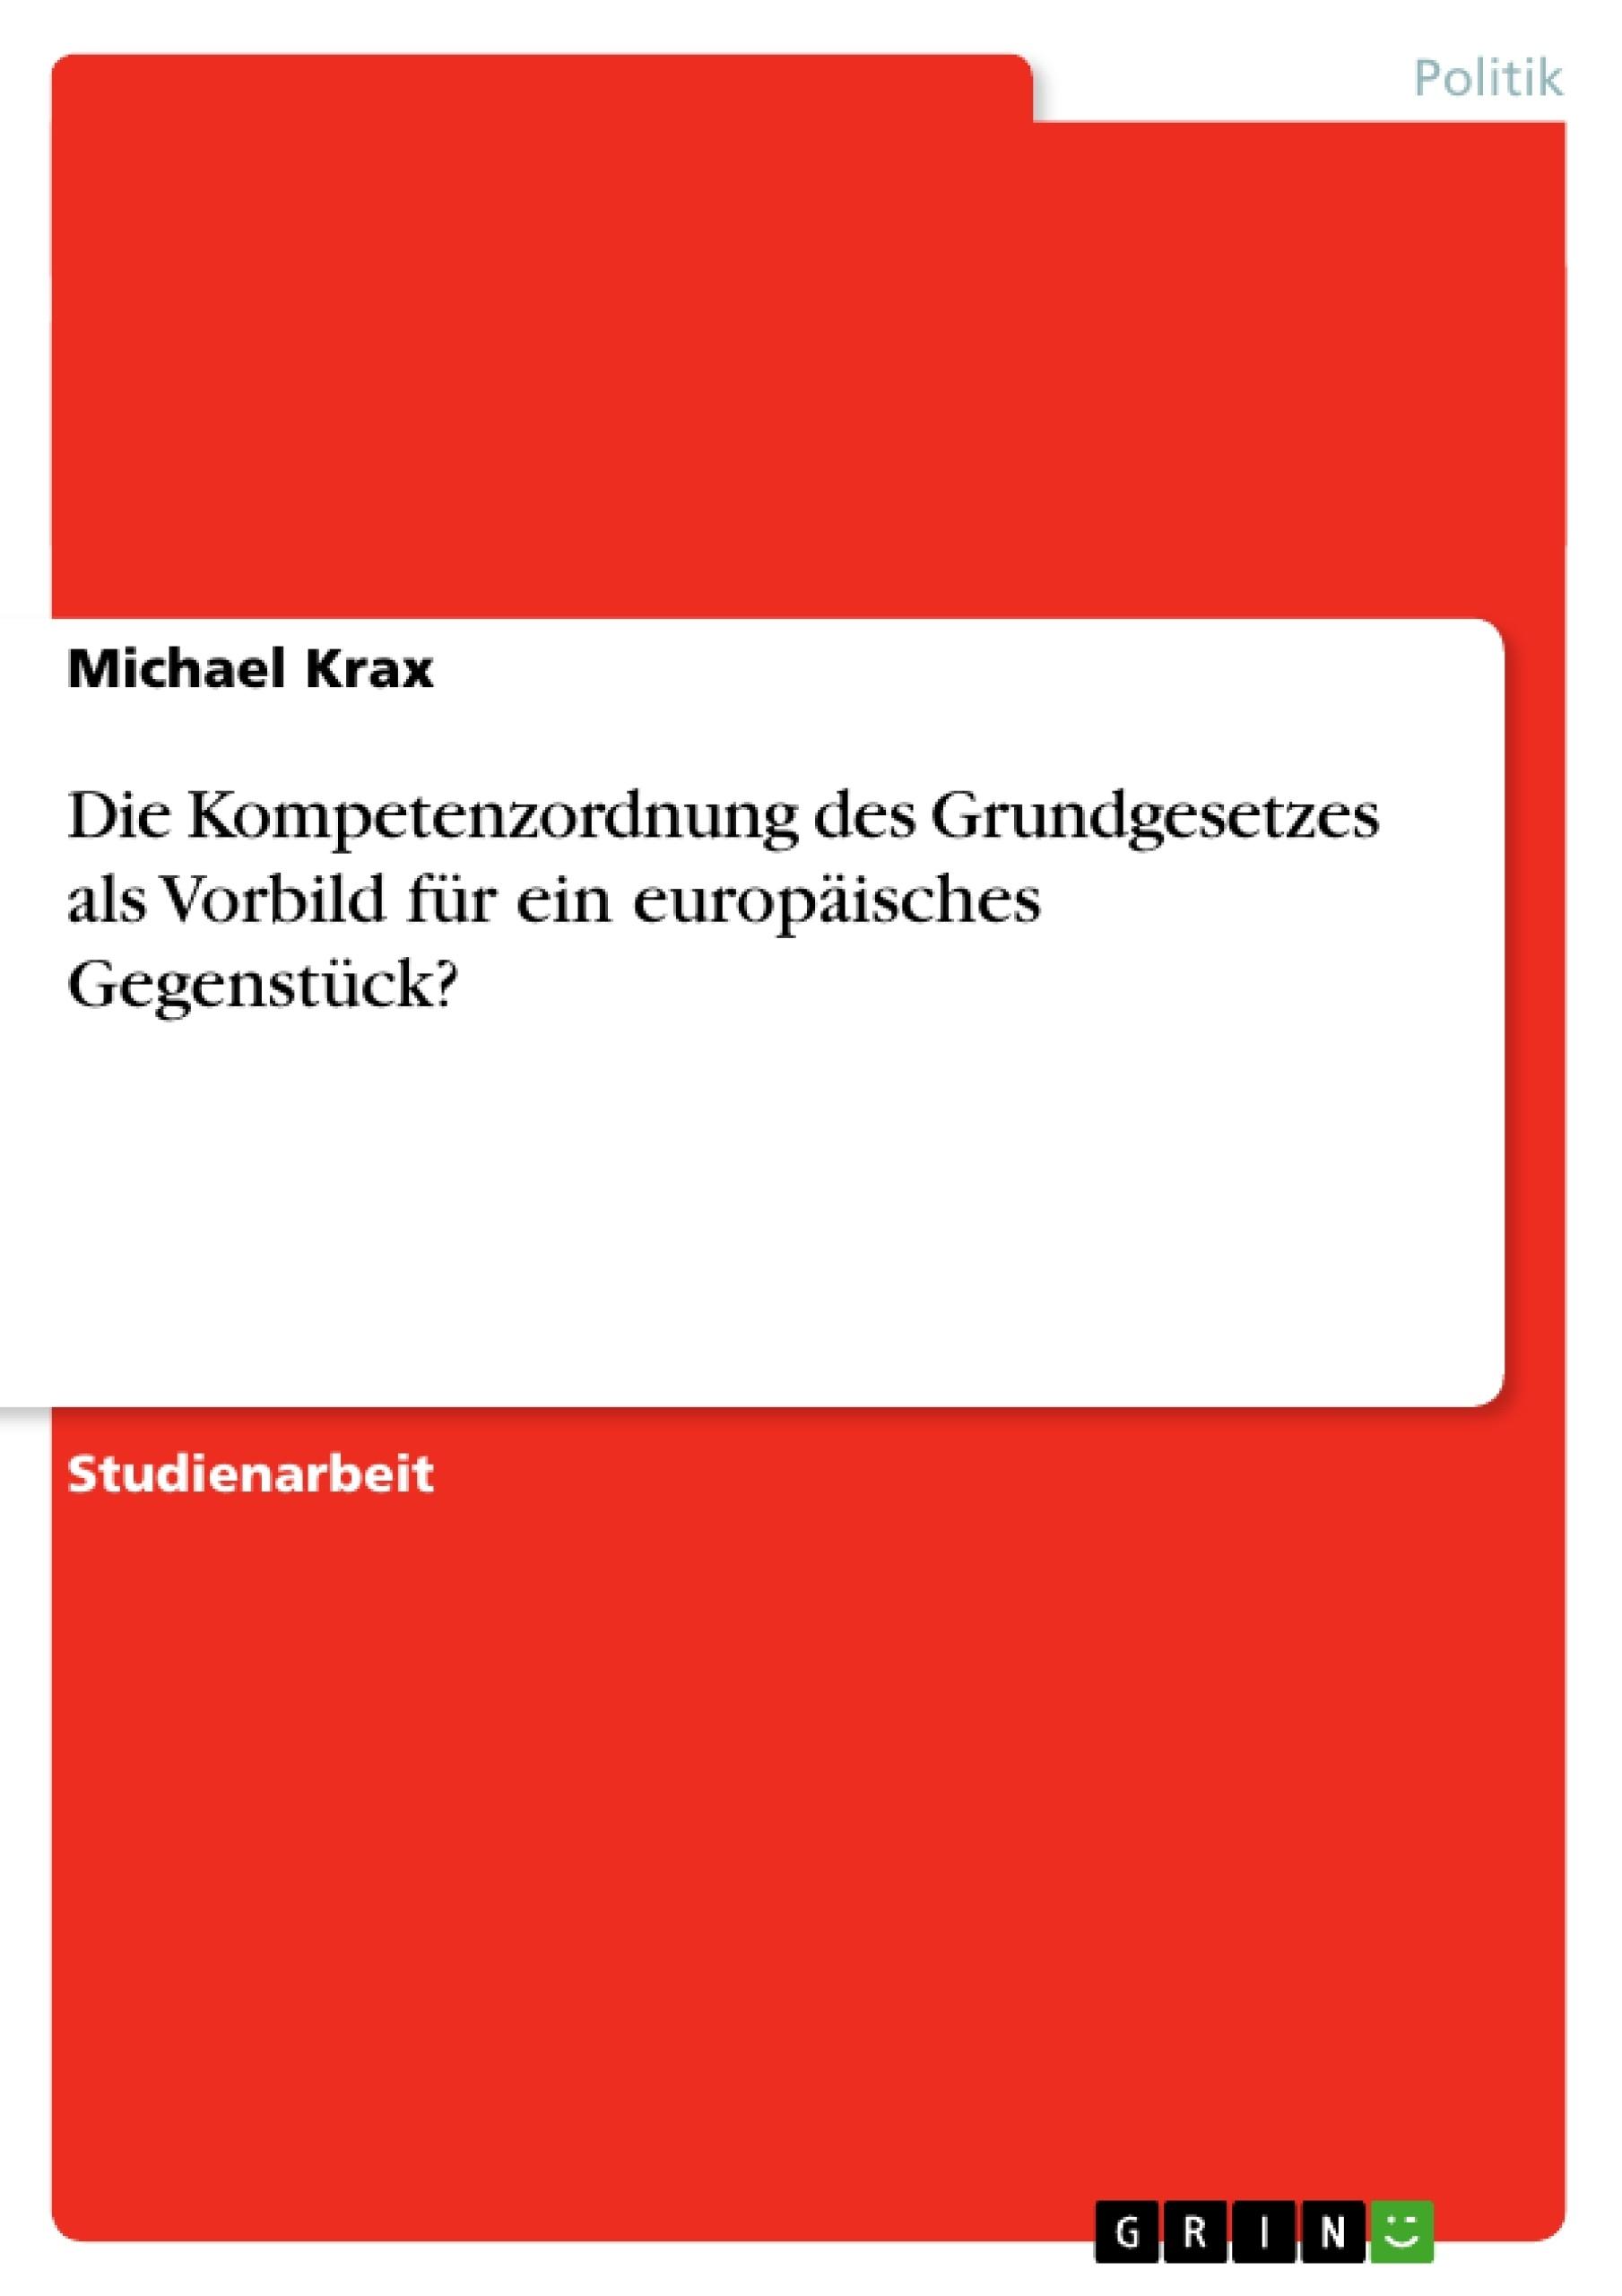 Titel: Die Kompetenzordnung des Grundgesetzes als Vorbild für ein europäisches Gegenstück?